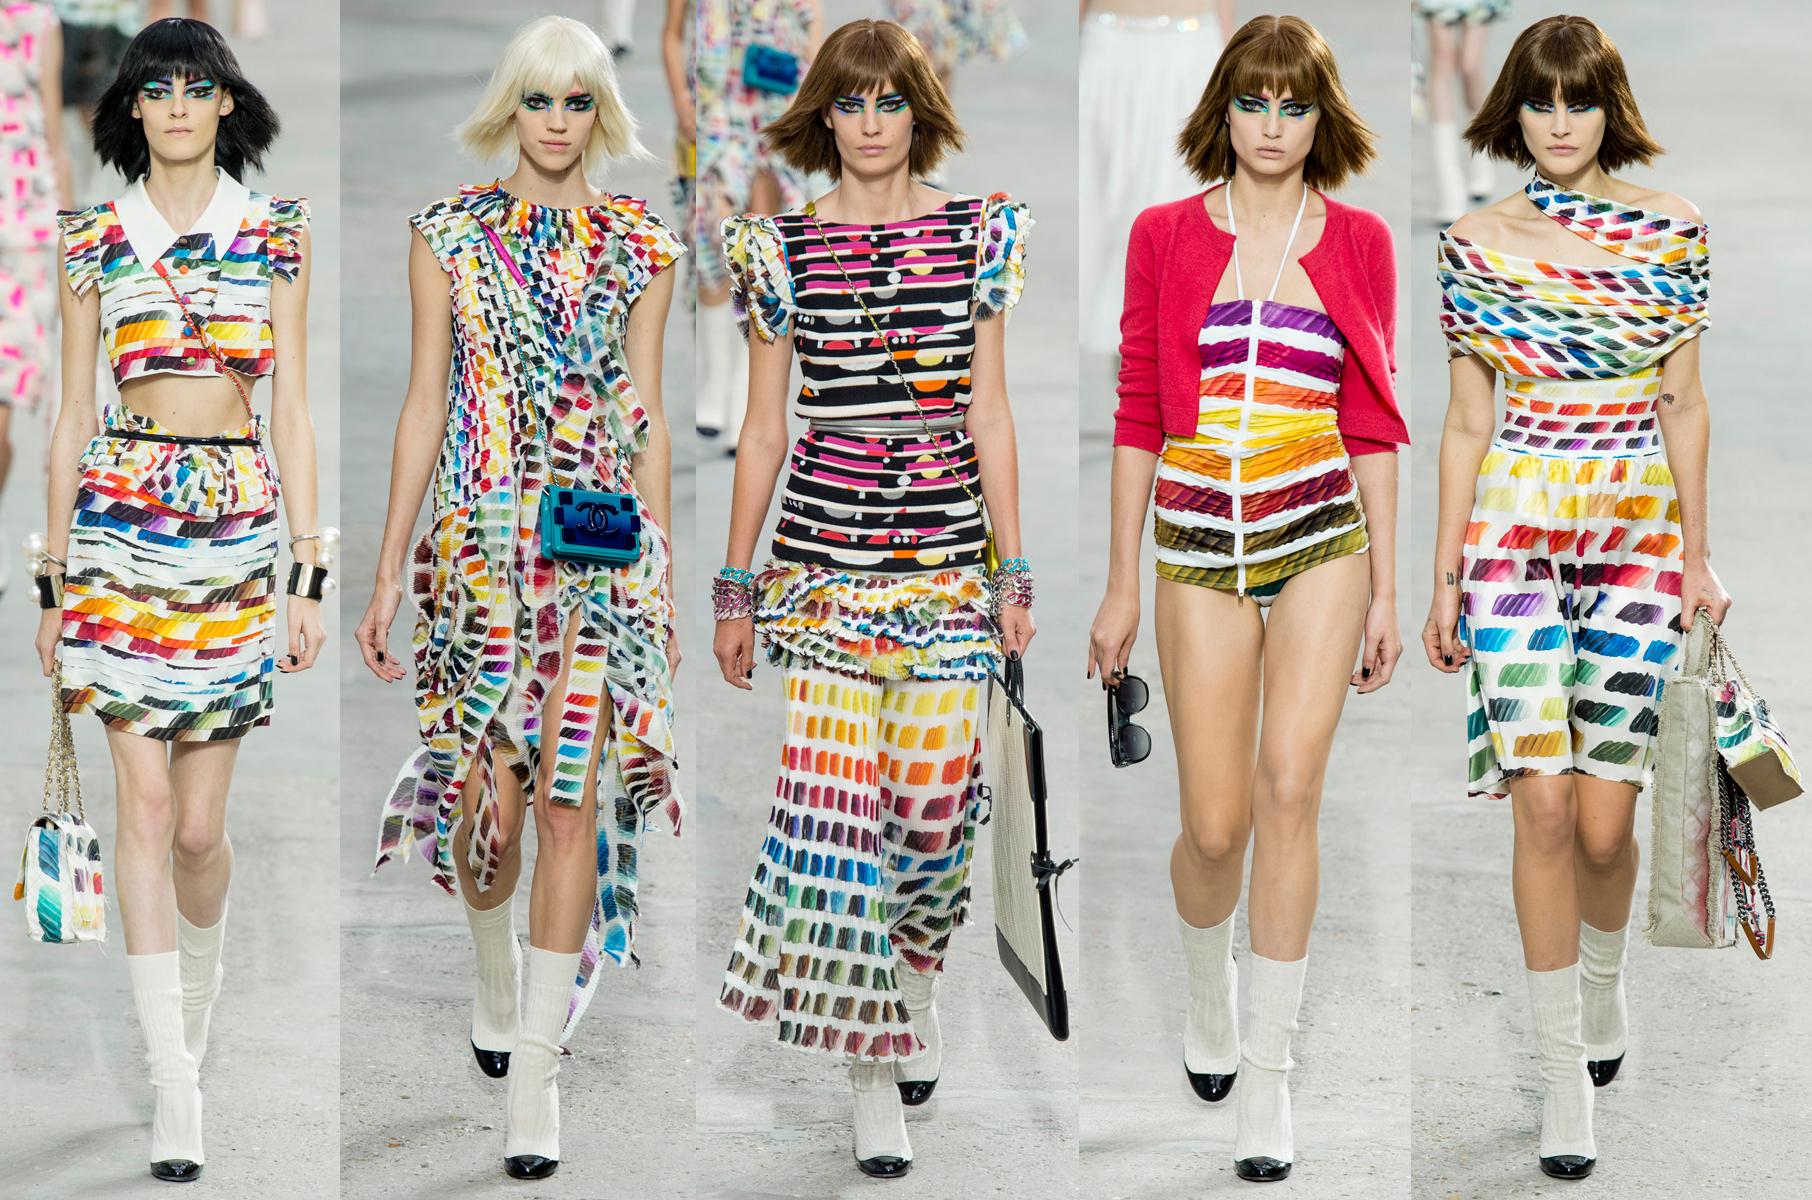 5 Xu hướng thời trang sẽ tiếp tục đình đám năm 2017